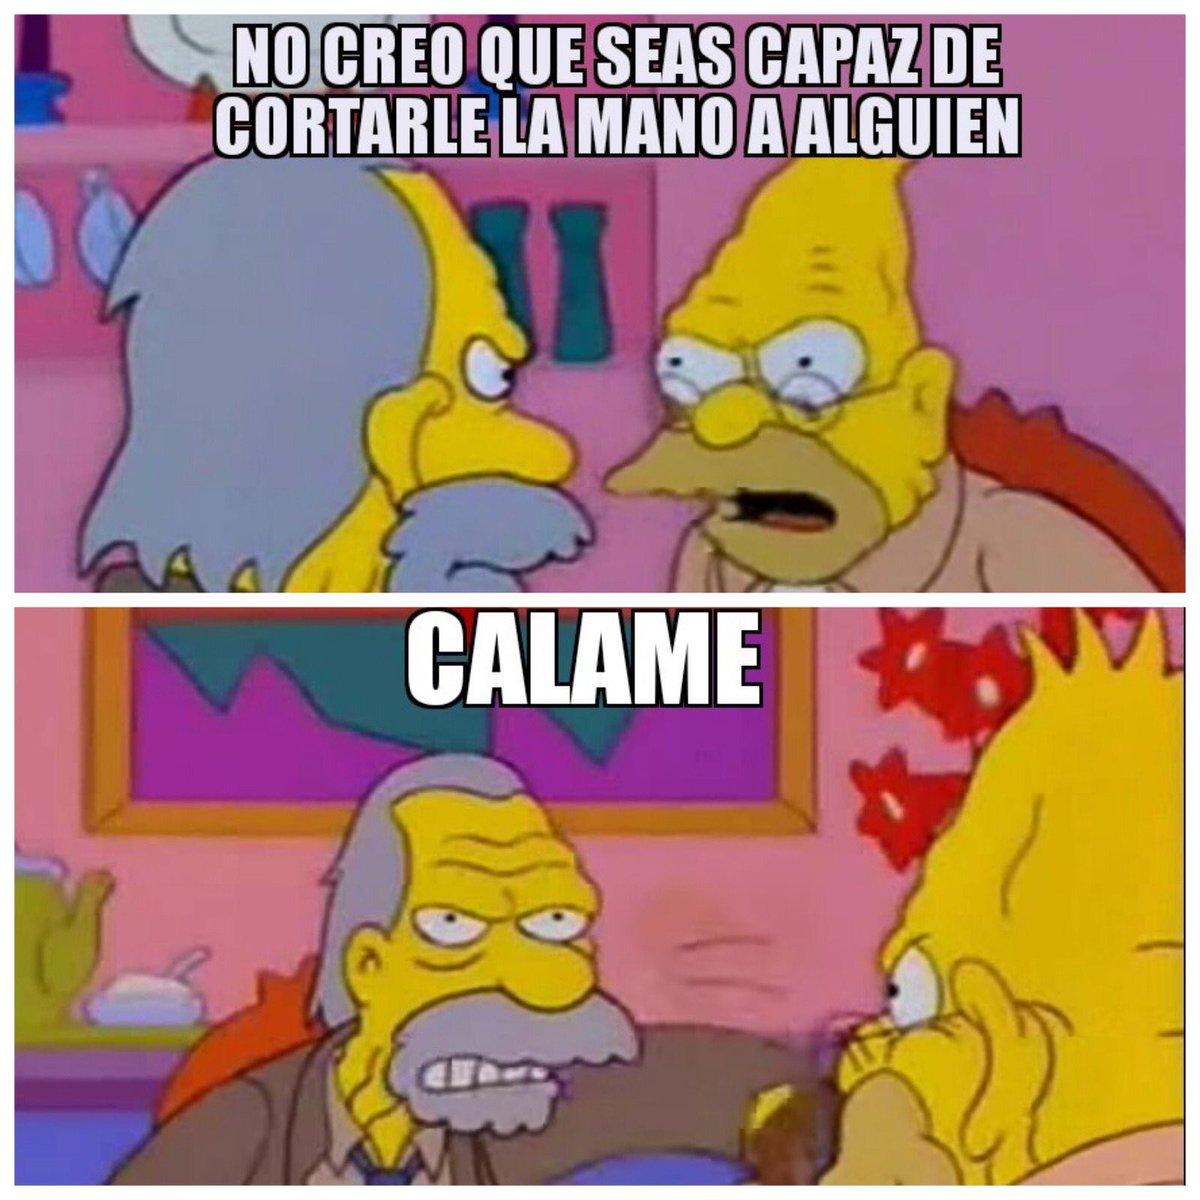 Calame Bronco López Dóriga 3er grado